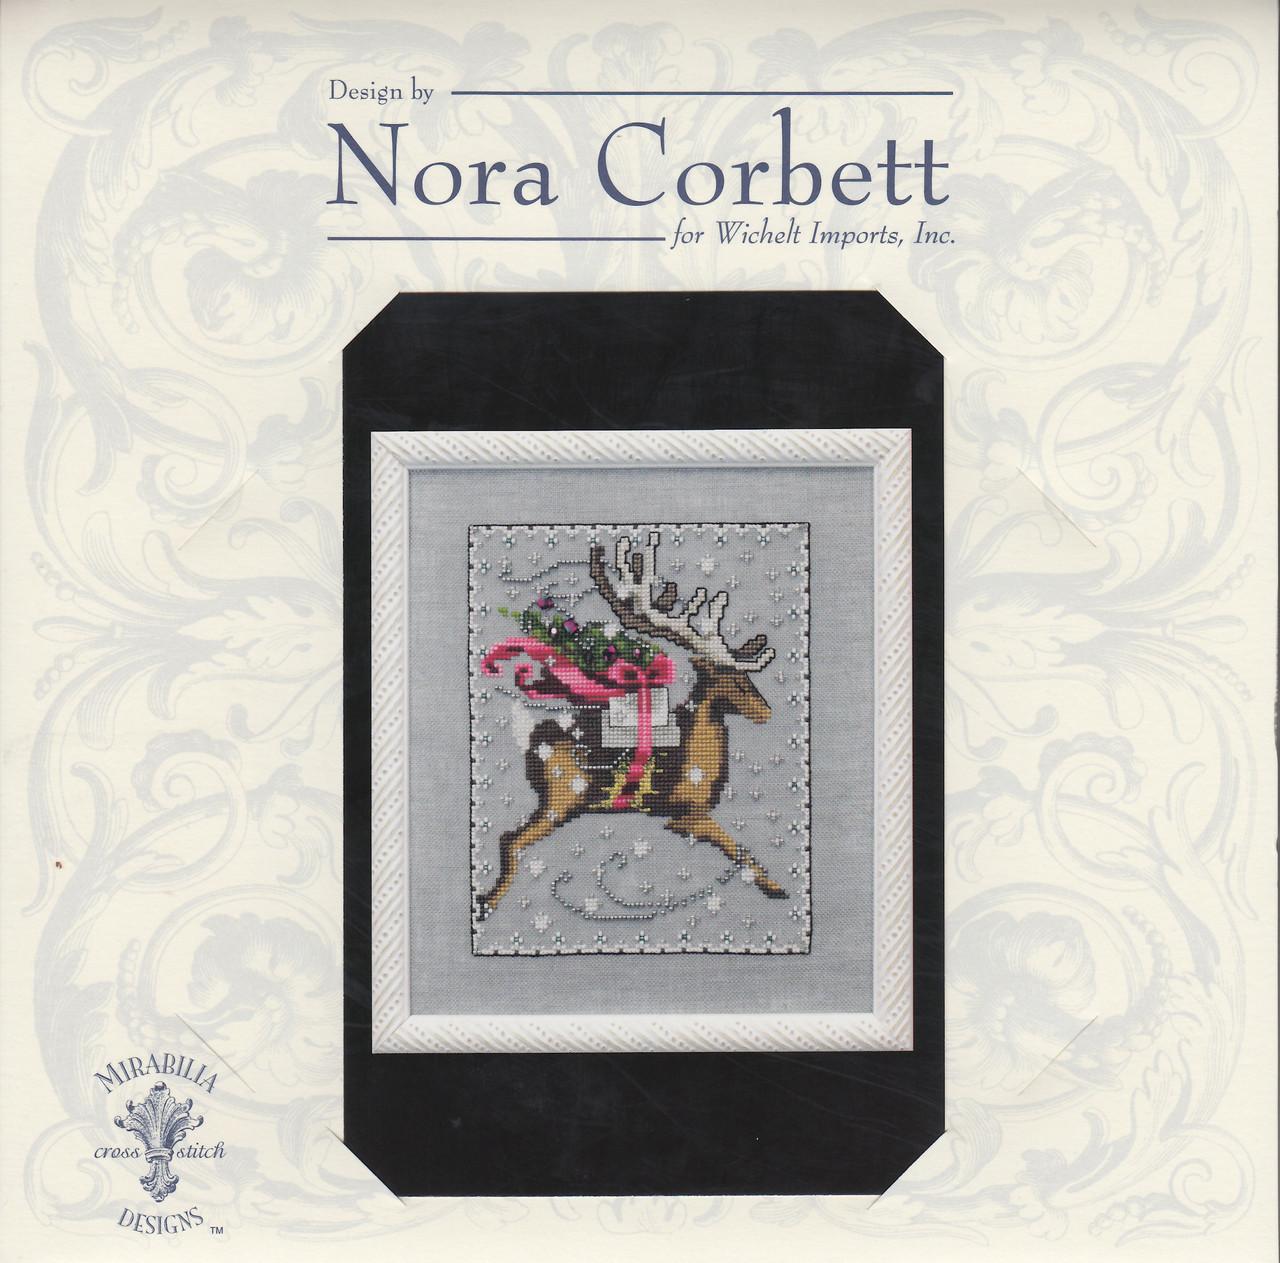 Nora Corbett - Comet